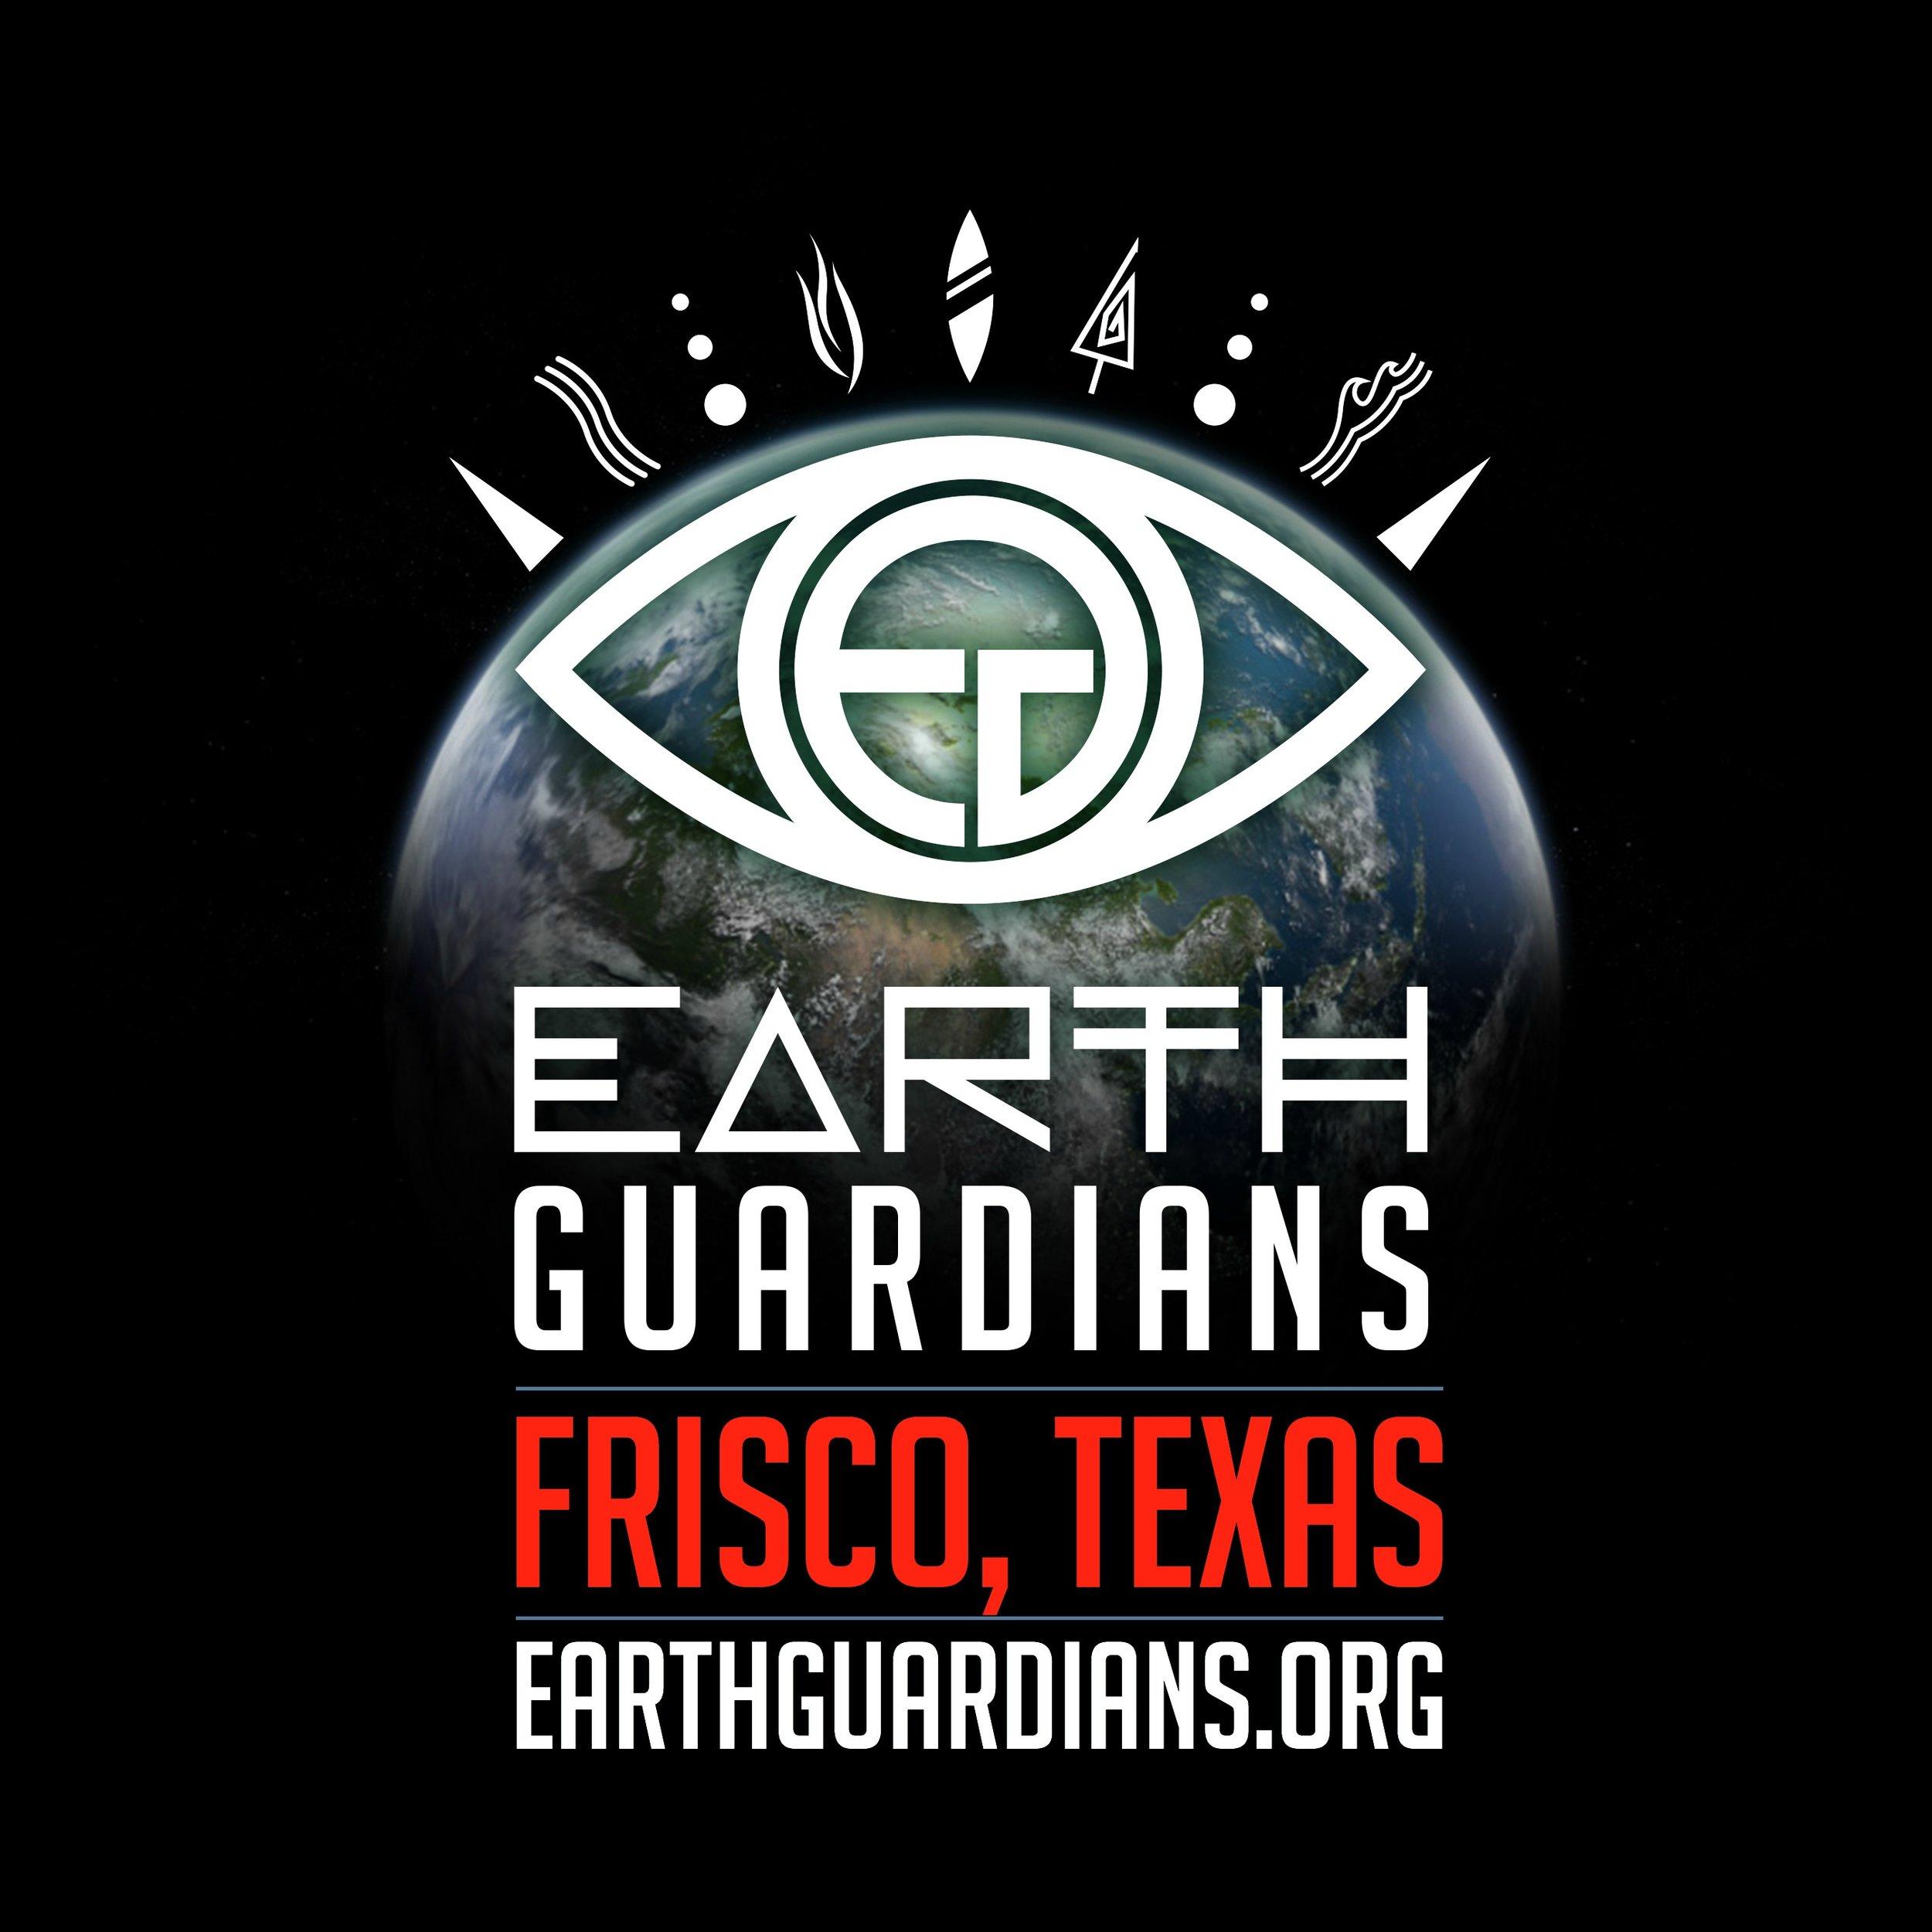 EG_crew logo FRISCO TEXAS.jpg